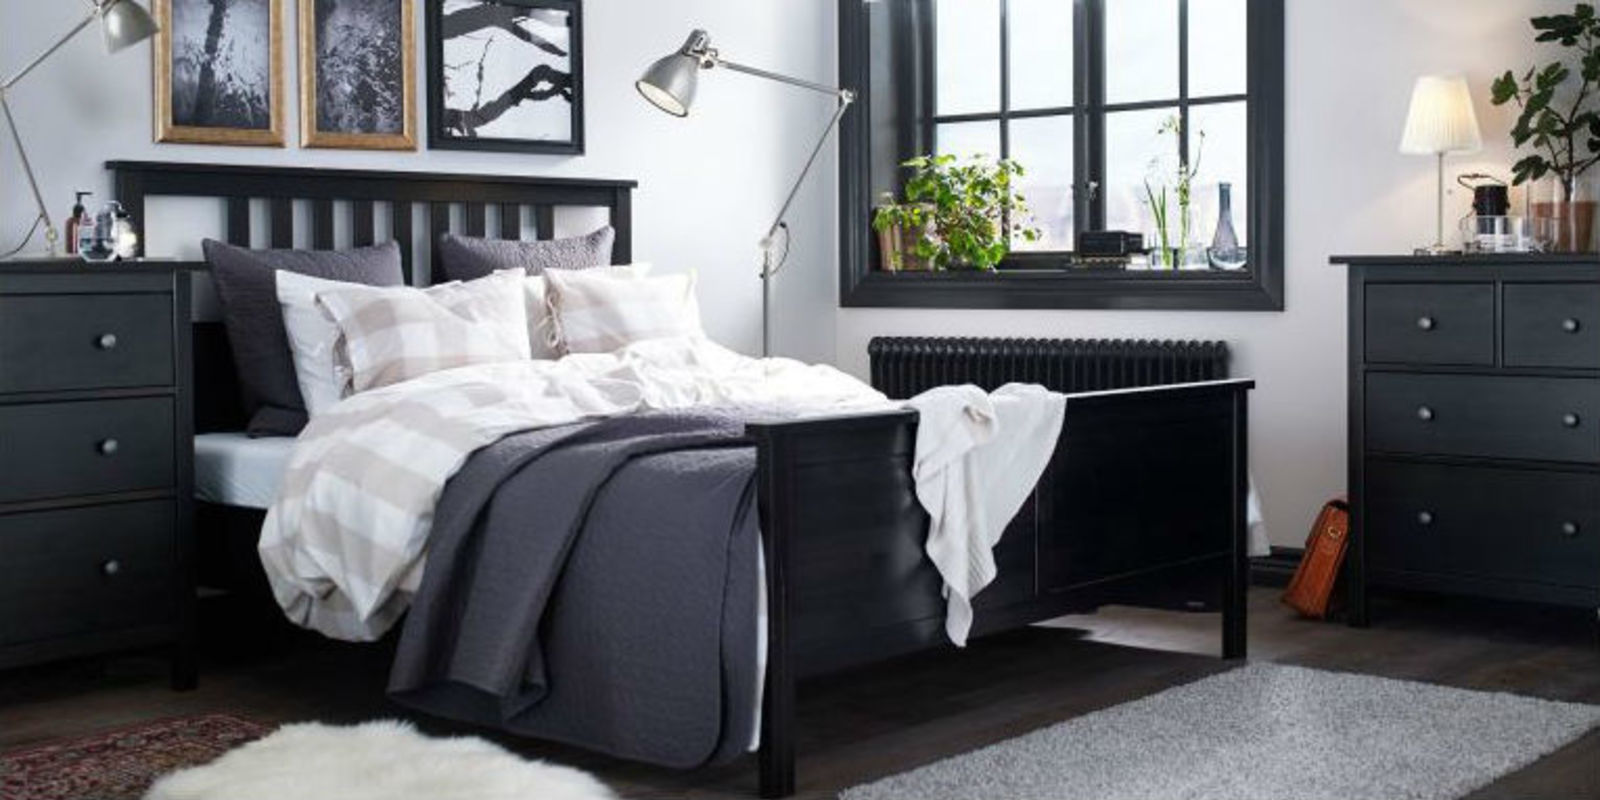 Dit betekenen de namen van je favoriete ikea meubels - Ikea mobel namen ...